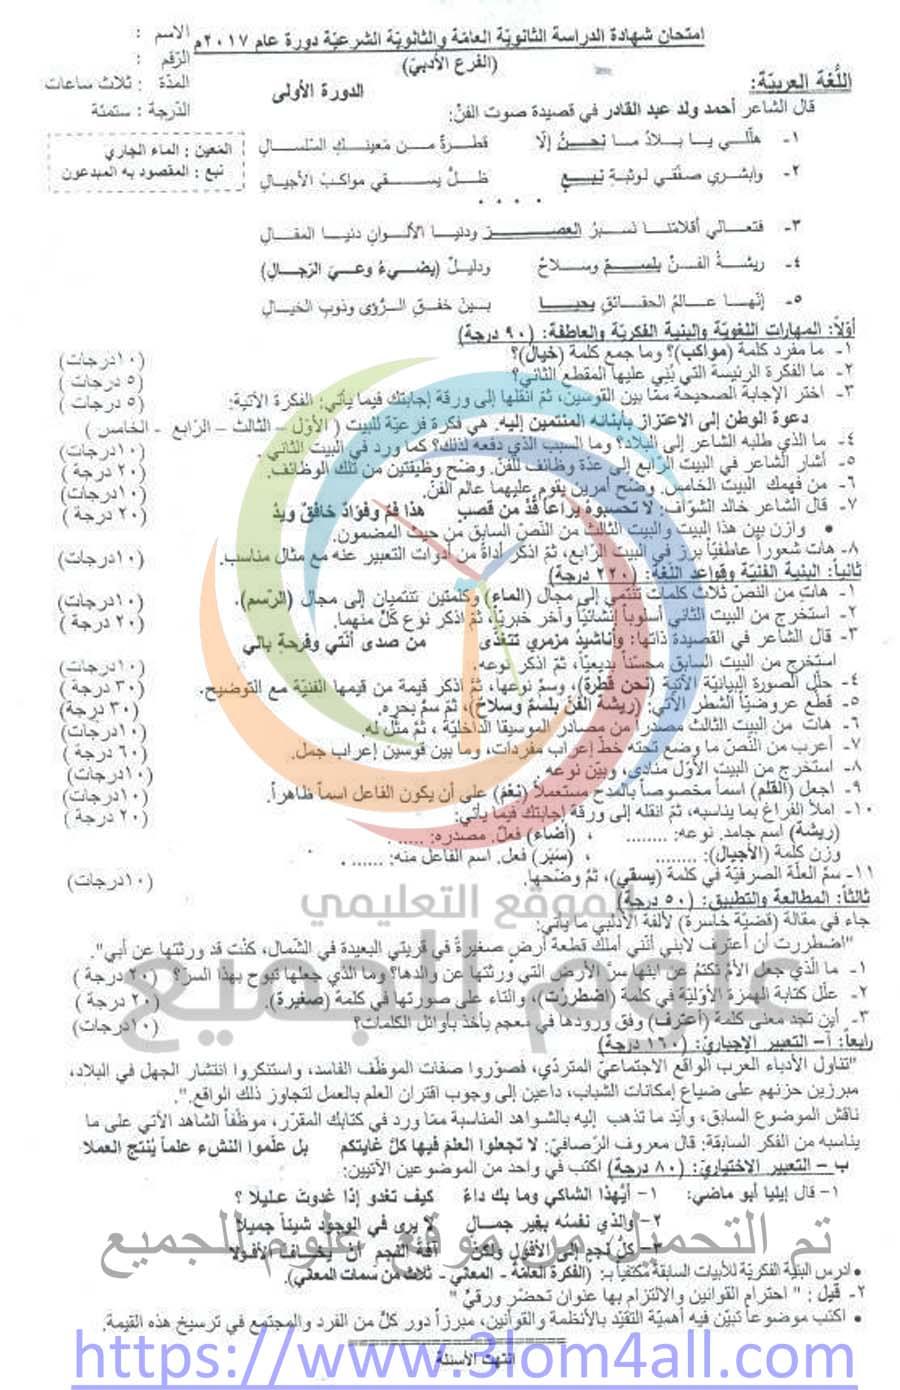 ورقة اسئلة اللغة العربية بكالوريا ادبي علمي  الدورة الأولى 2017 مع الحل